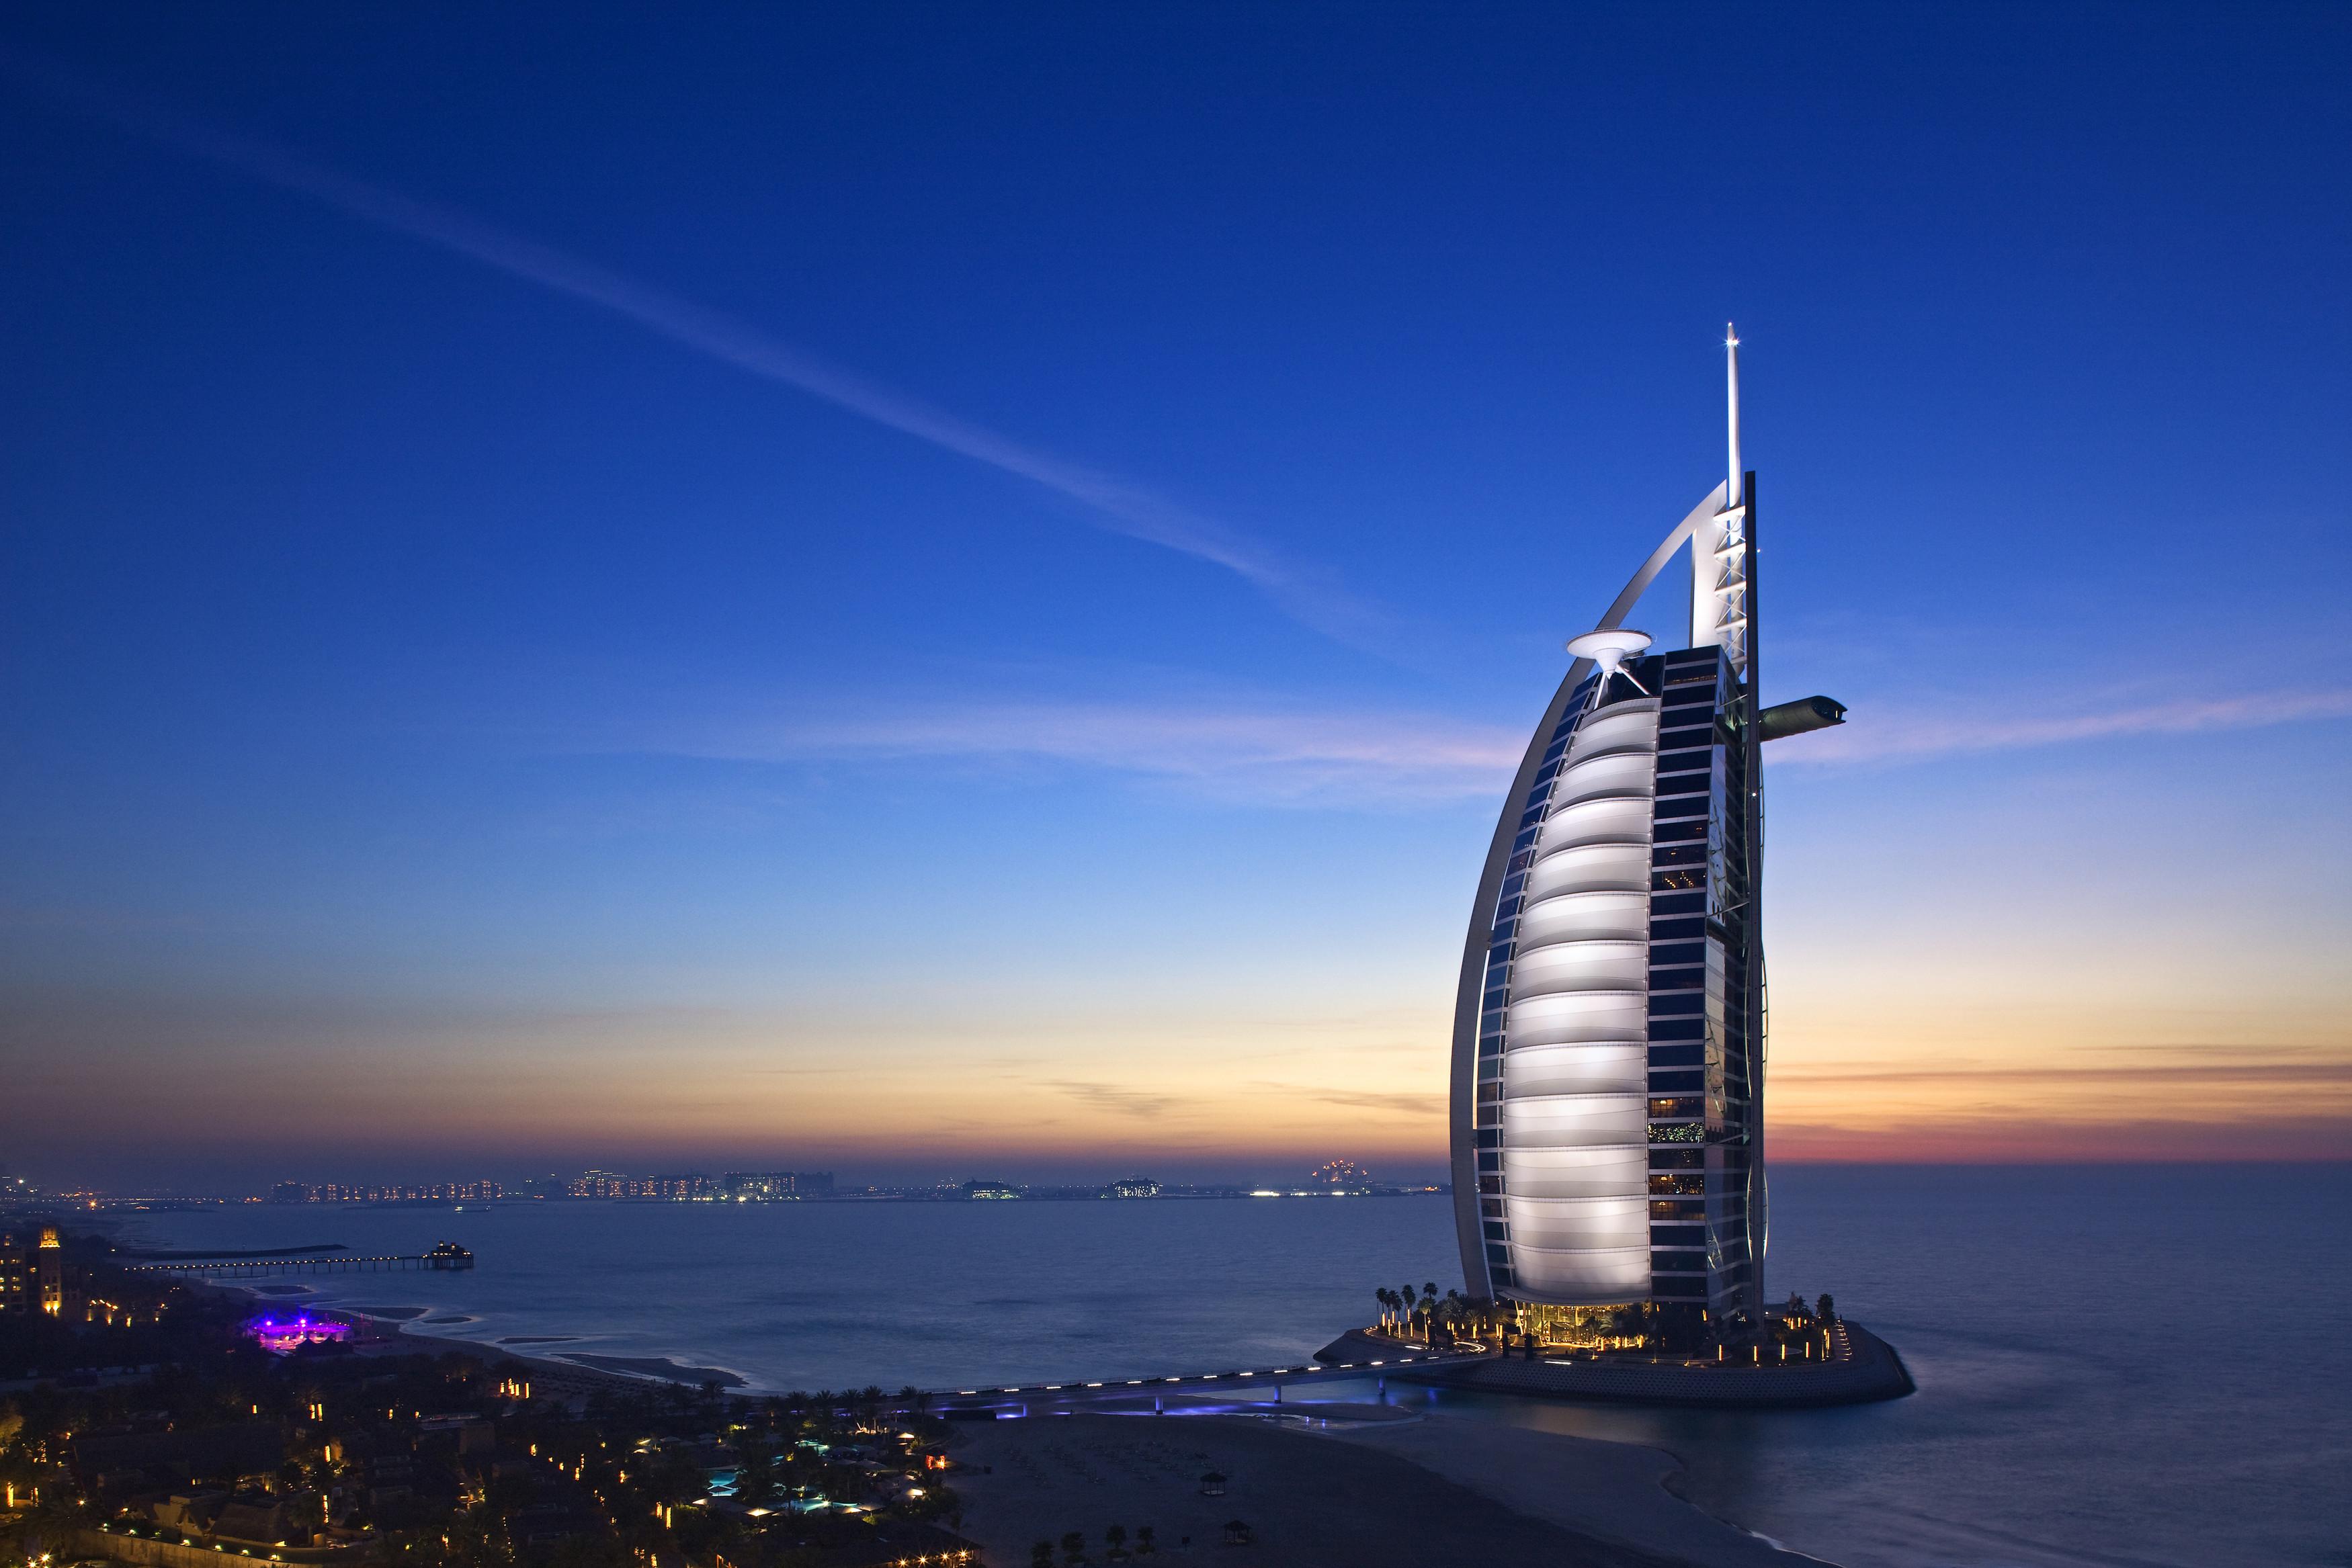 Burj al arab visit all over the world for Dubai hotels